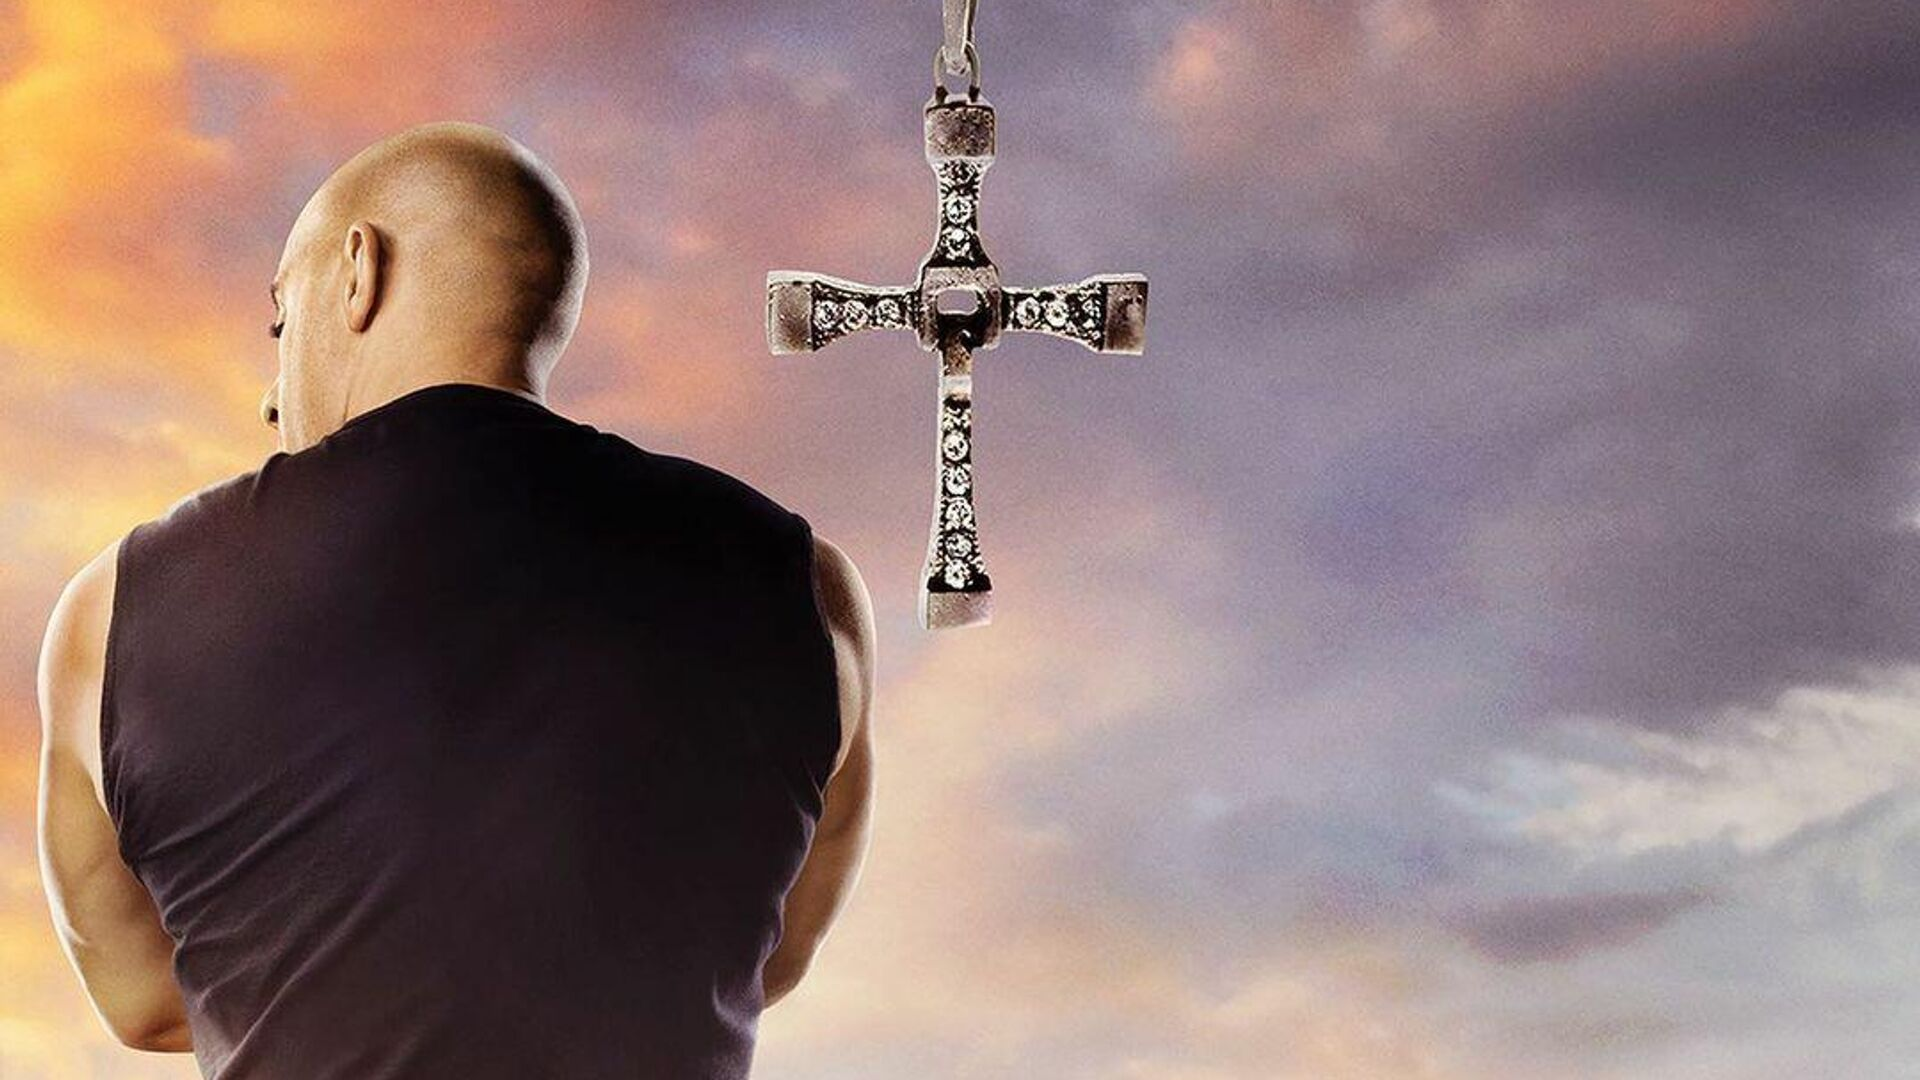 Vin Diesel interpretando a Dominic 'Dom' Toretto en las películas de la saga 'Rápidos y Furiosos' - Sputnik Mundo, 1920, 15.06.2021